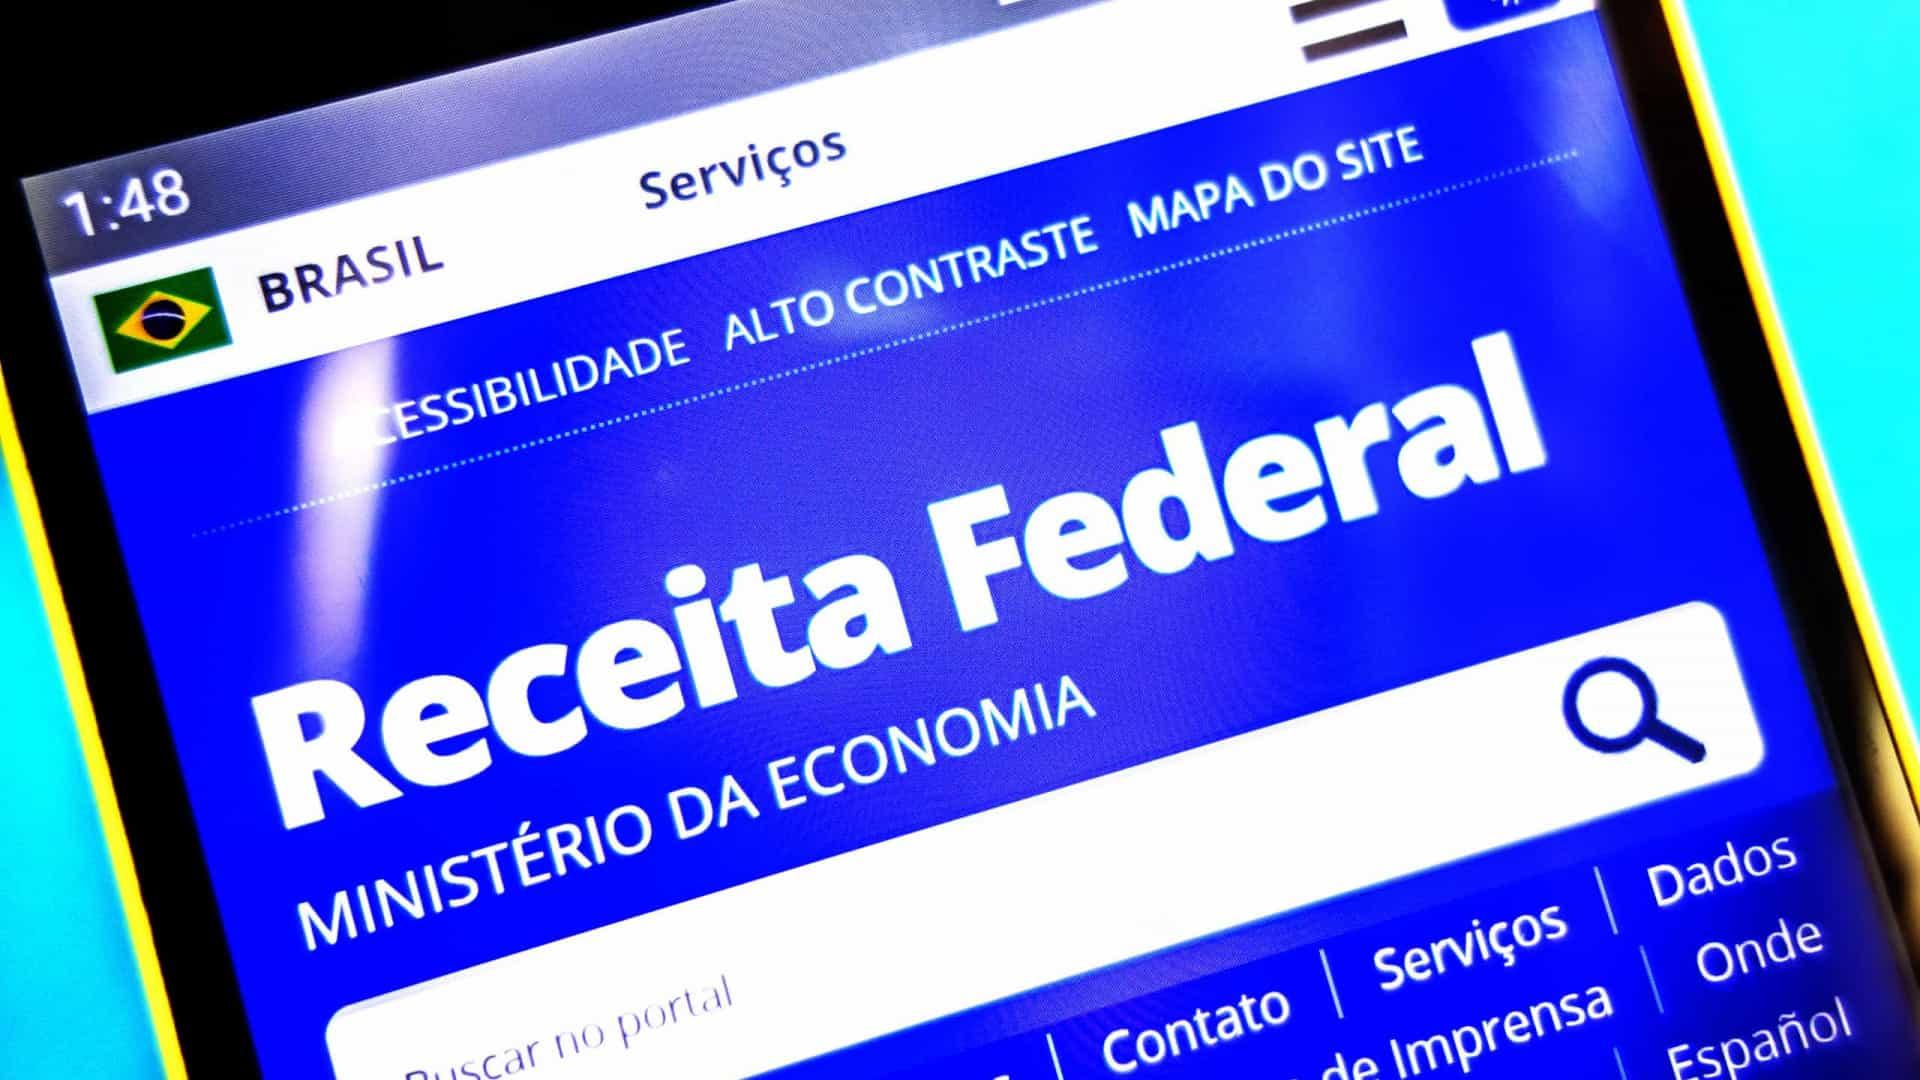 Bolsonaro disse que quem paga Imposto de Renda nesta faixa acaba recuperando depois na restituição com as deduções